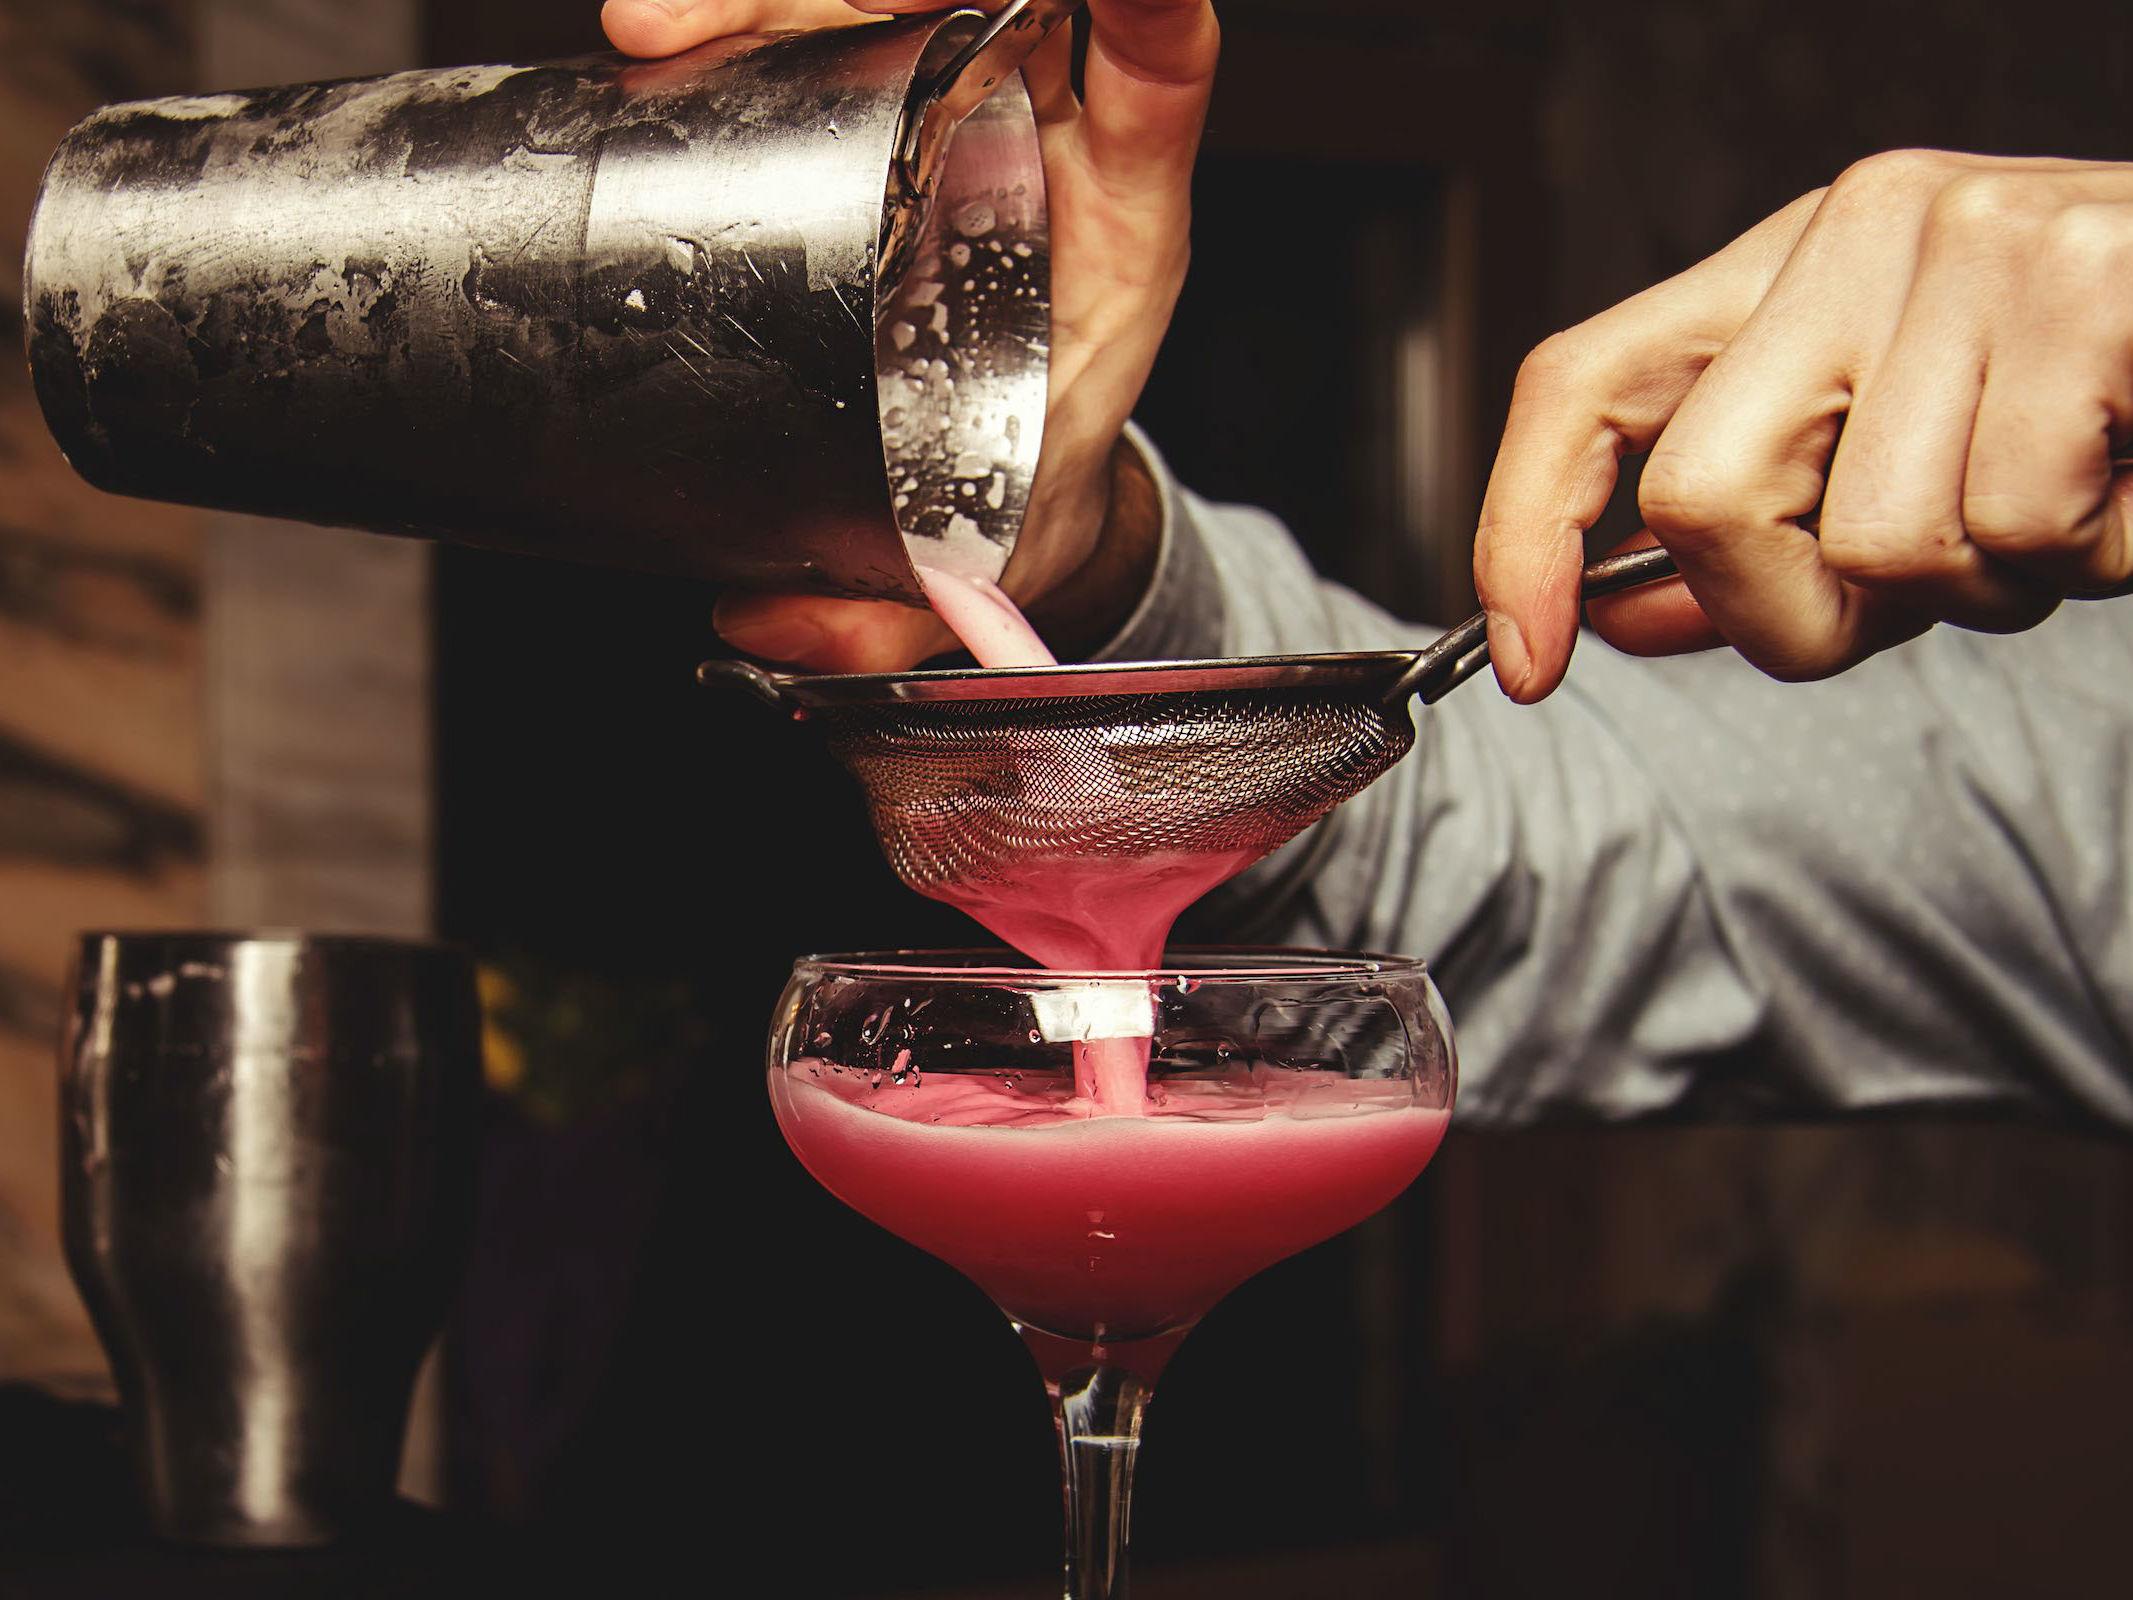 Mobile | Cocktailbar | Hochzeit | Sektempfang | Barkeeper | Buchen | Mieten | Geburtstag | VW | Bar | Ape | Getränke | Catering | Foodtruck | Weinbar | Ginbar | Sektbar | Kaffeebar | Cocktails